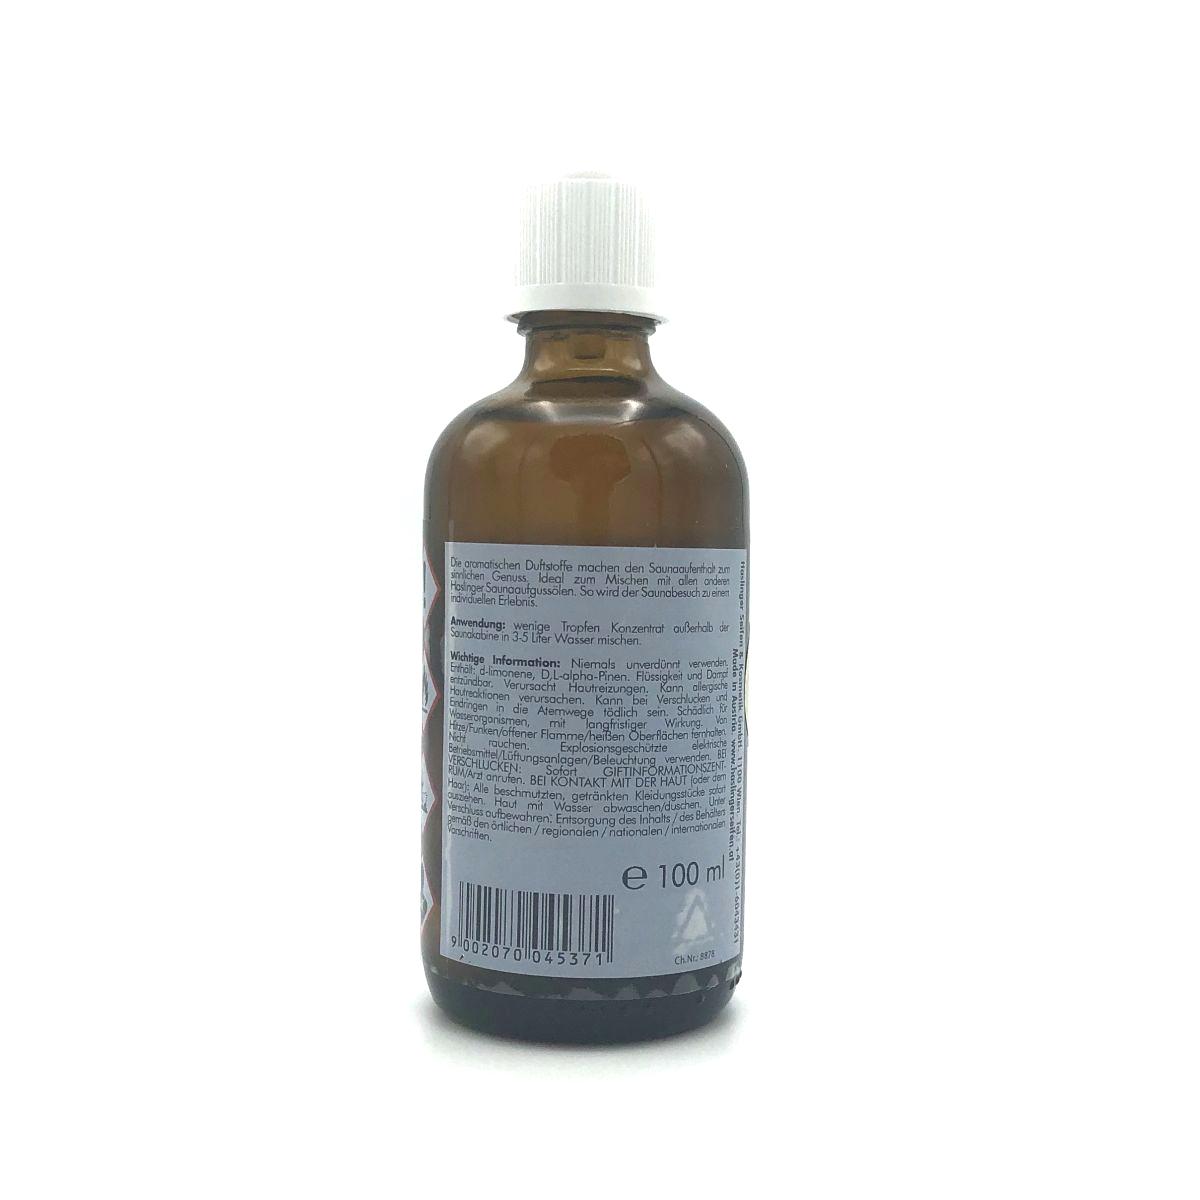 Sauna-Aufguss-Öl 'Orange' von HASLINGER